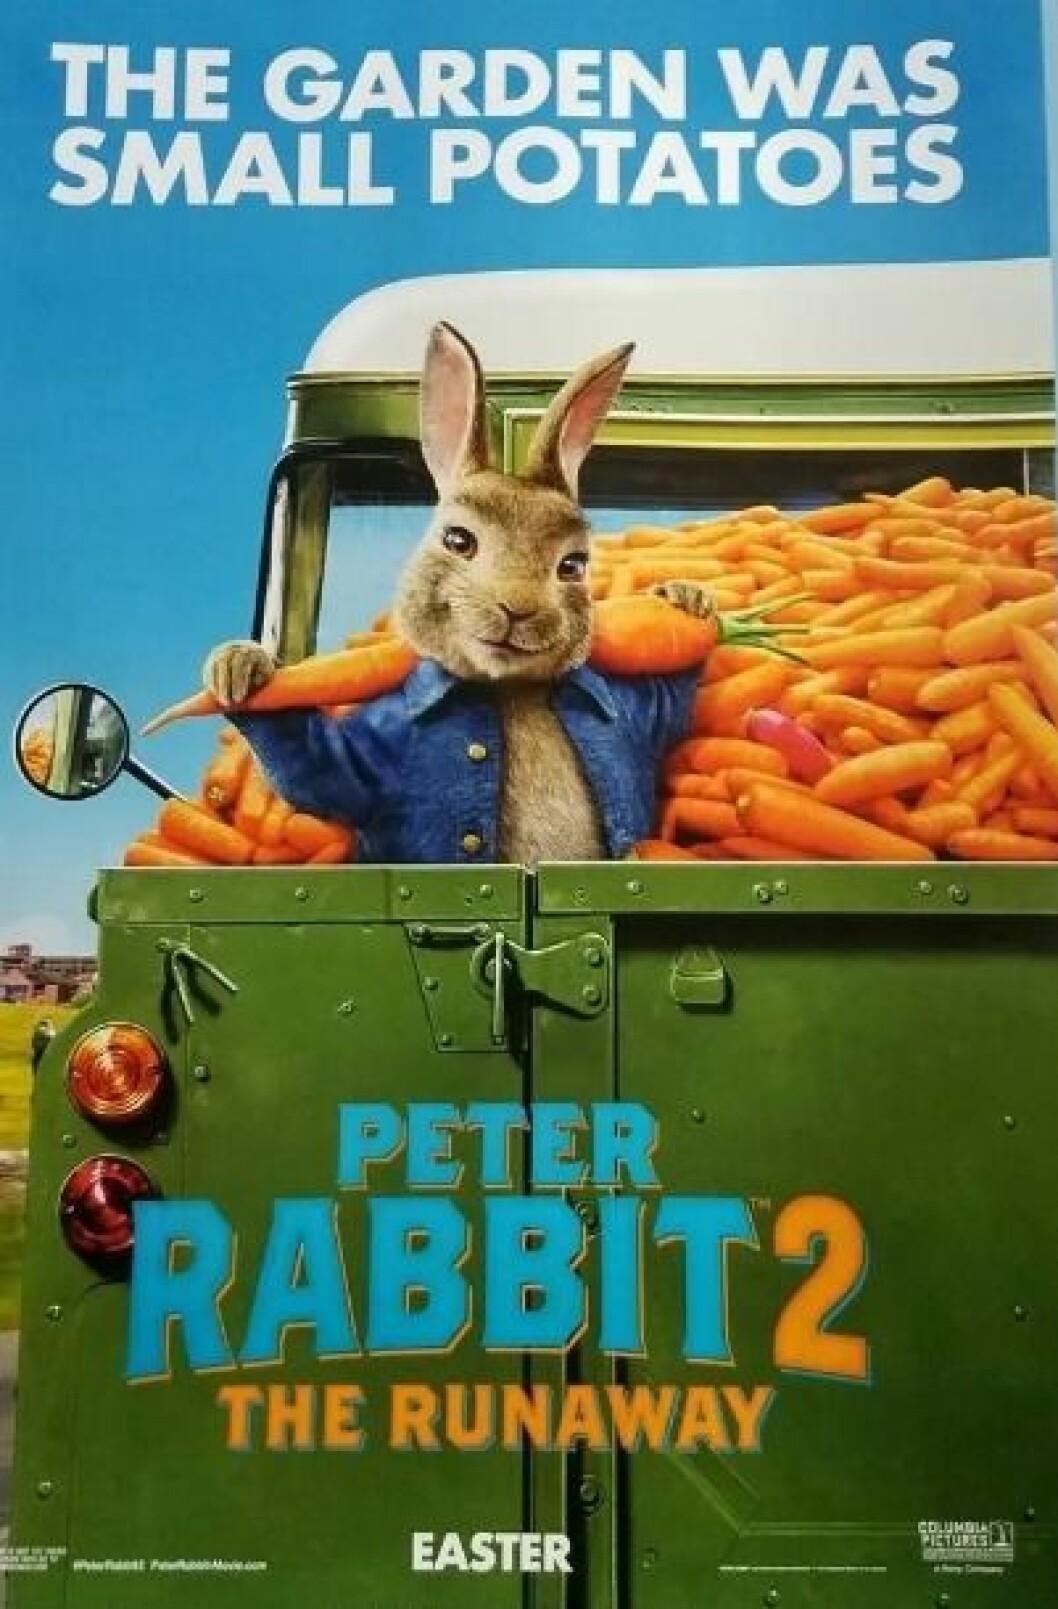 Peter Rabbit 2.